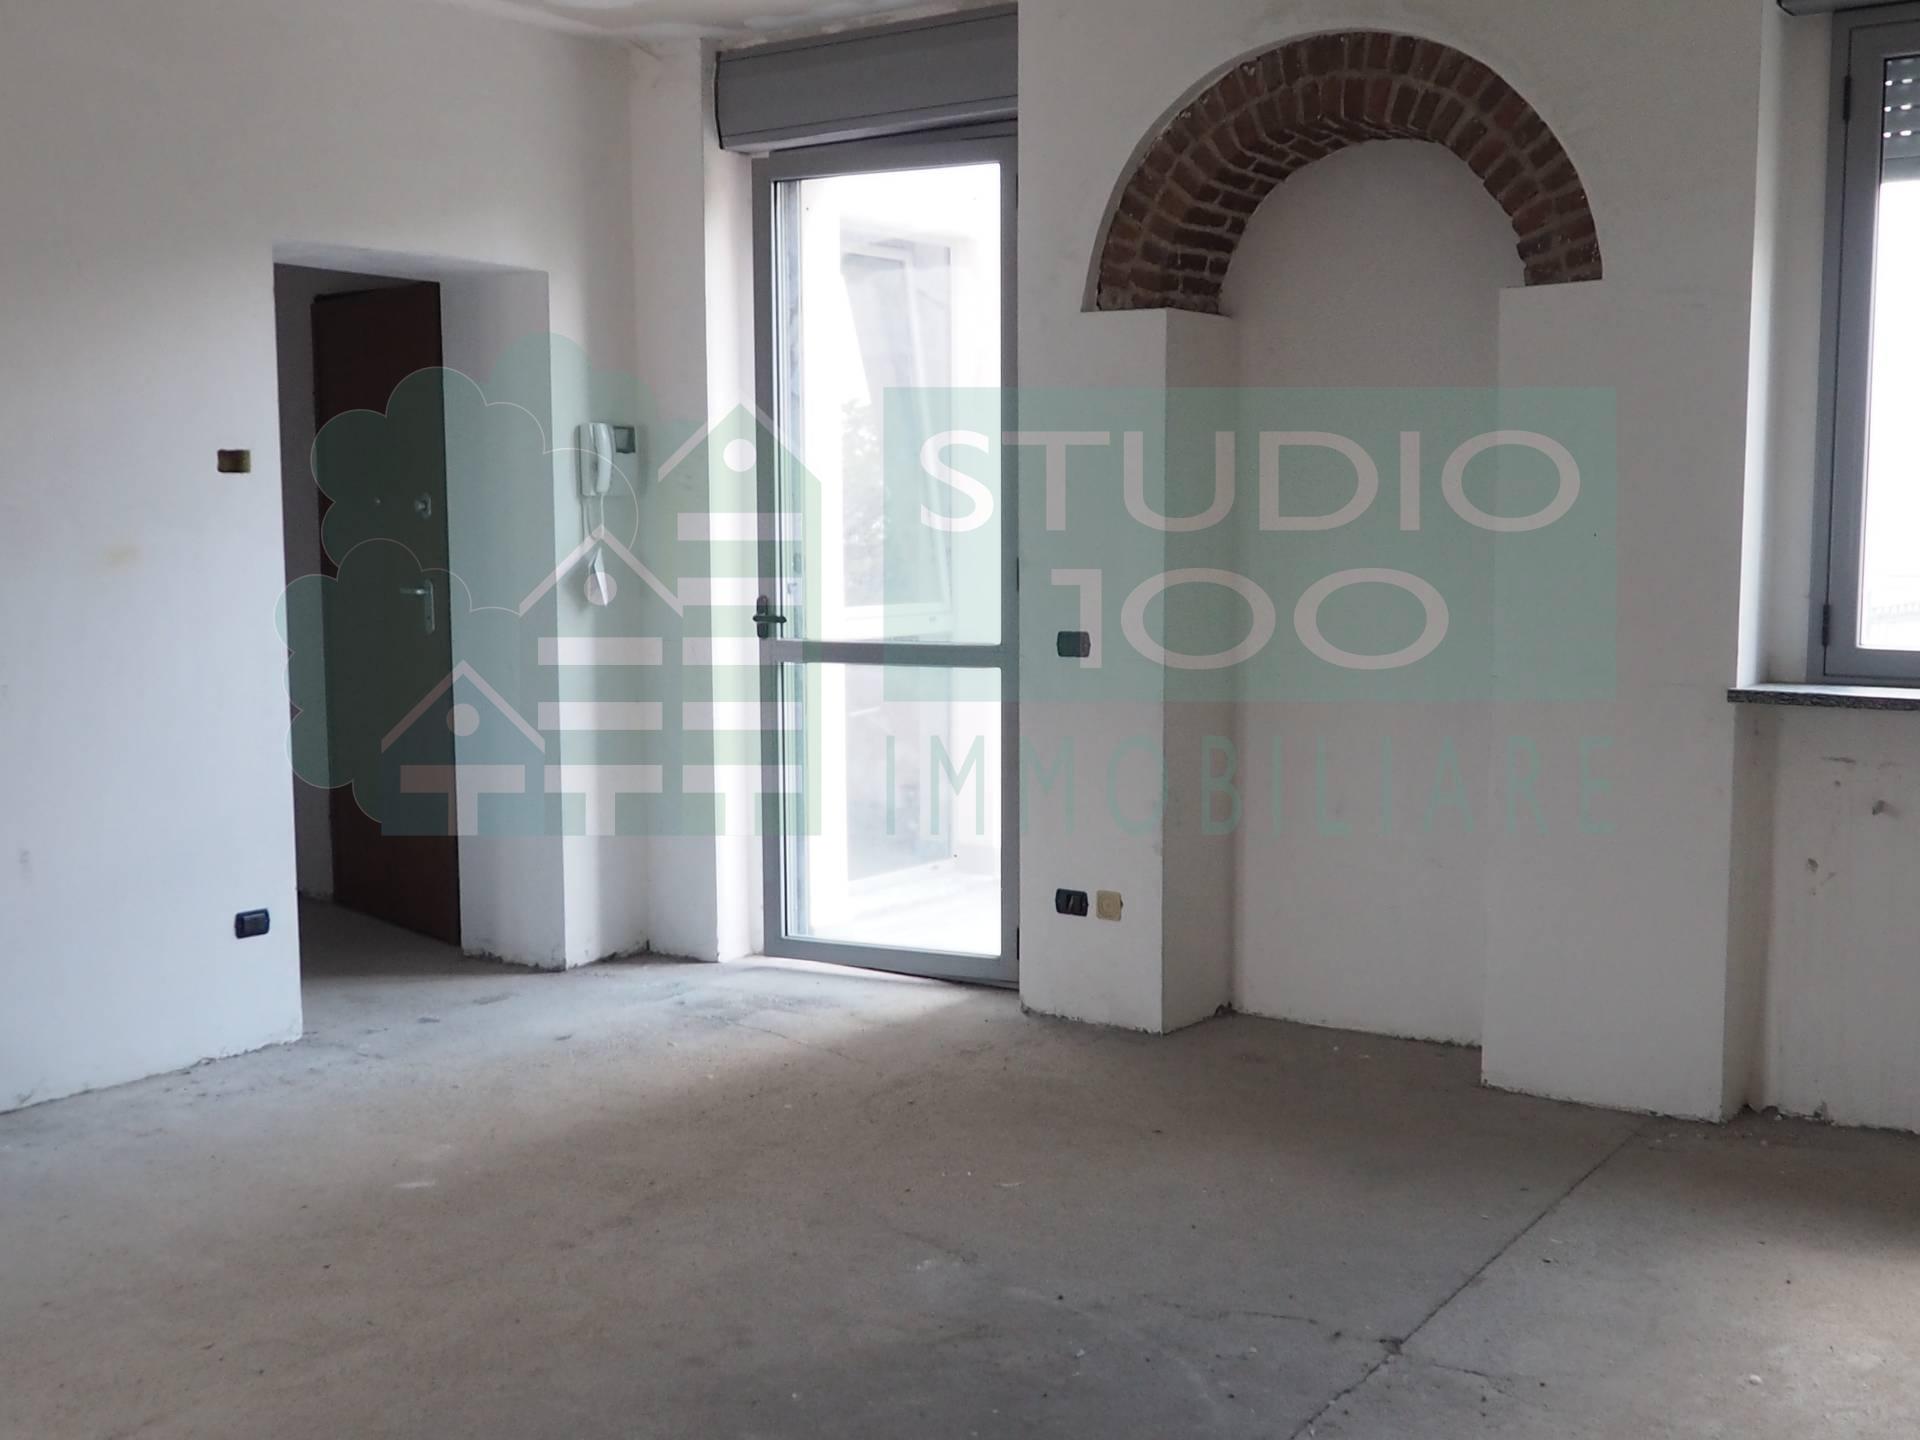 Appartamento in vendita a Arsago Seprio, 2 locali, zona Località: C.naRoncodiDiana, prezzo € 139.000 | CambioCasa.it